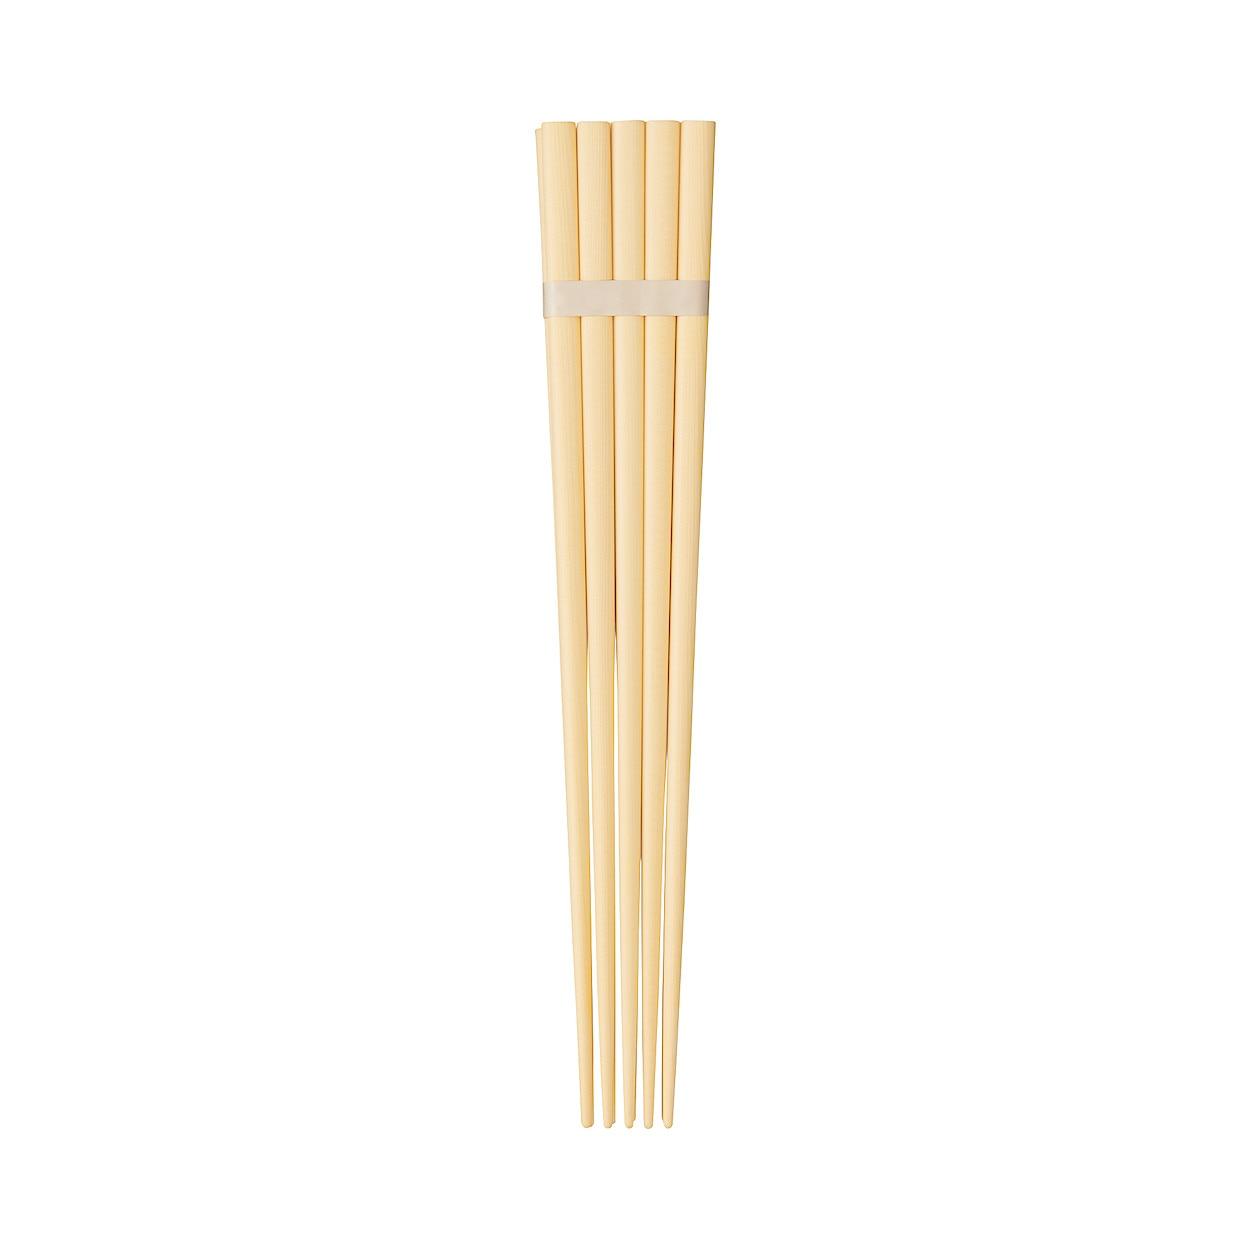 米ヒバ箸5膳入